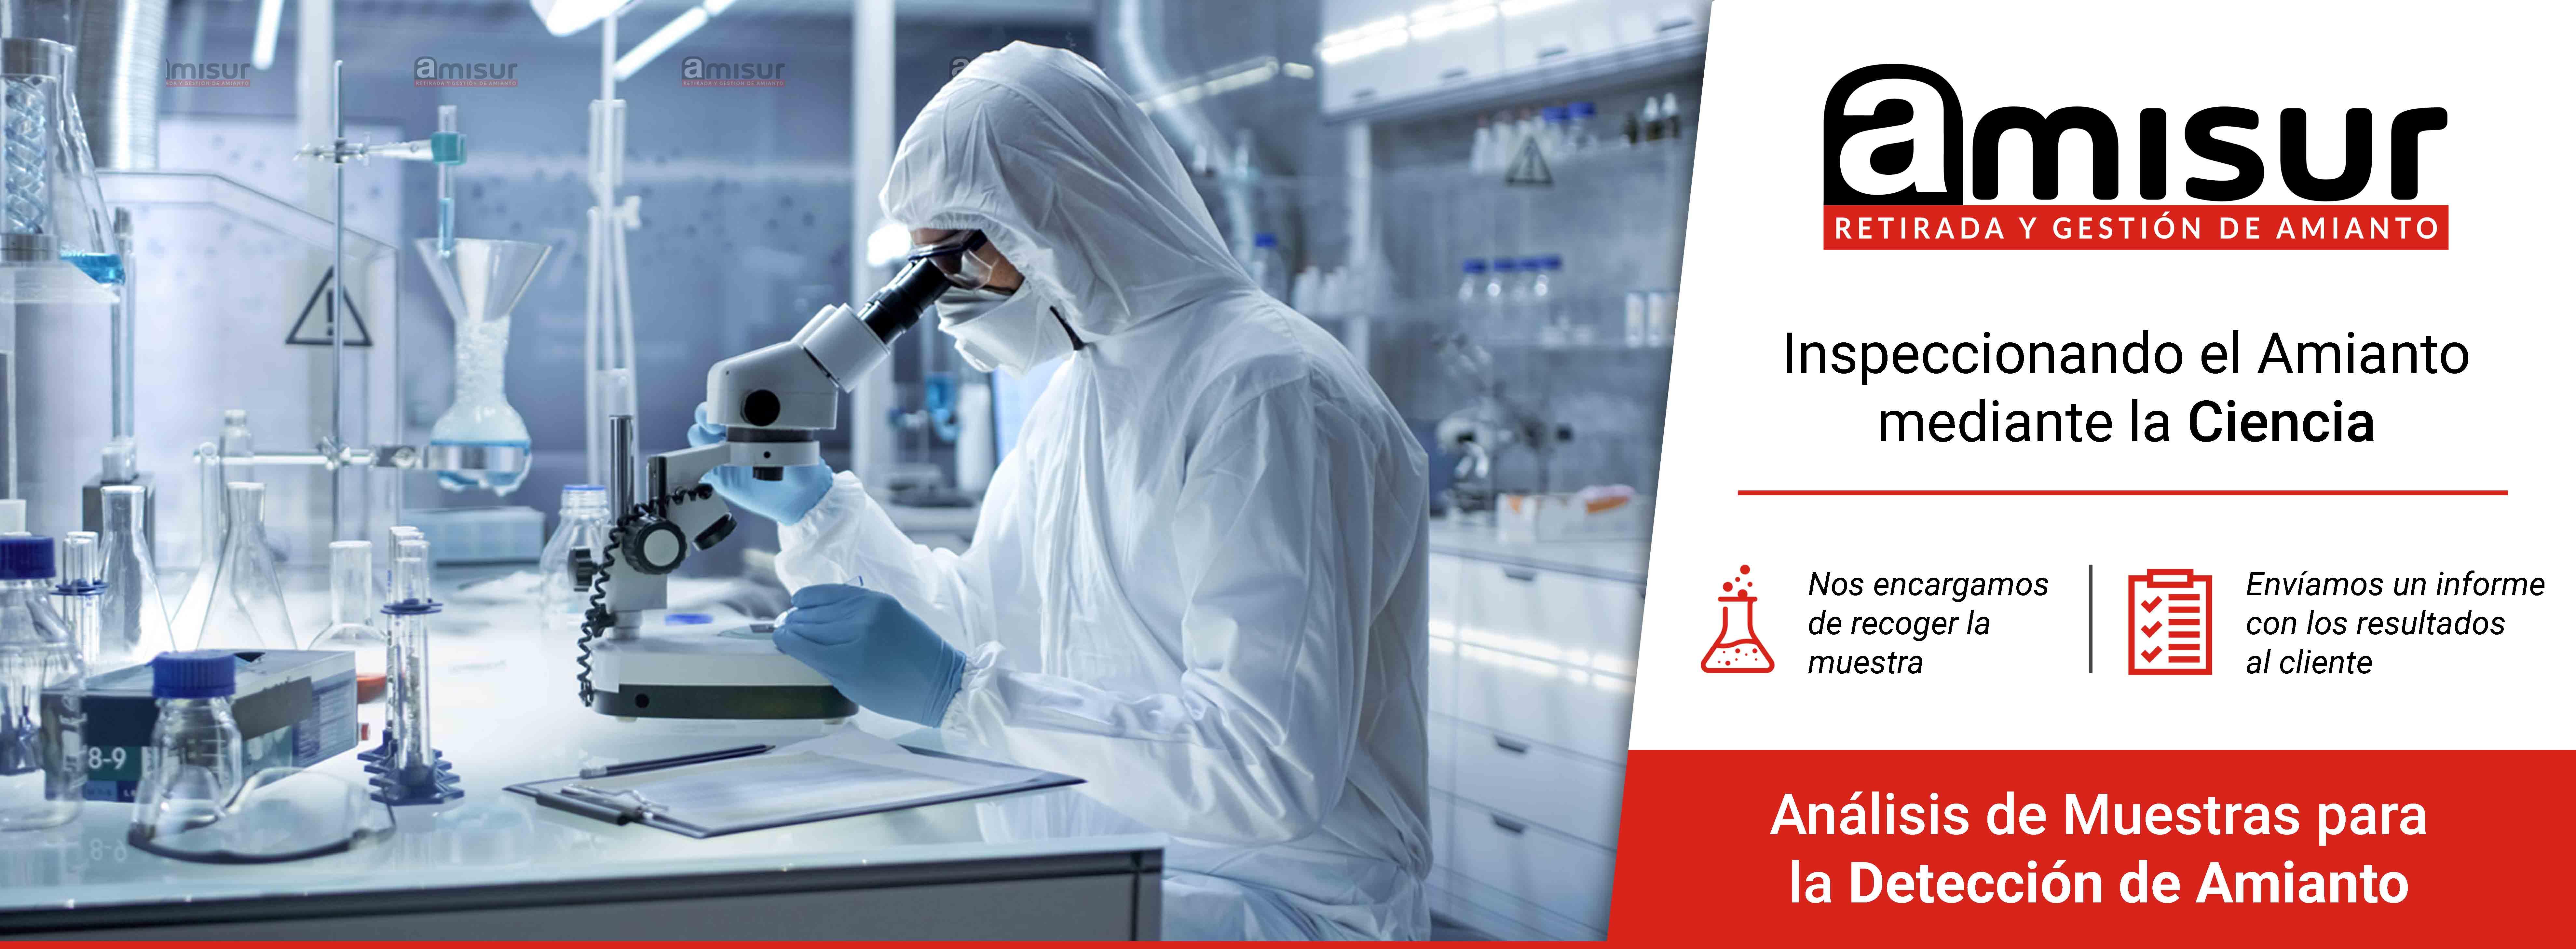 analisis-muestras-amianto